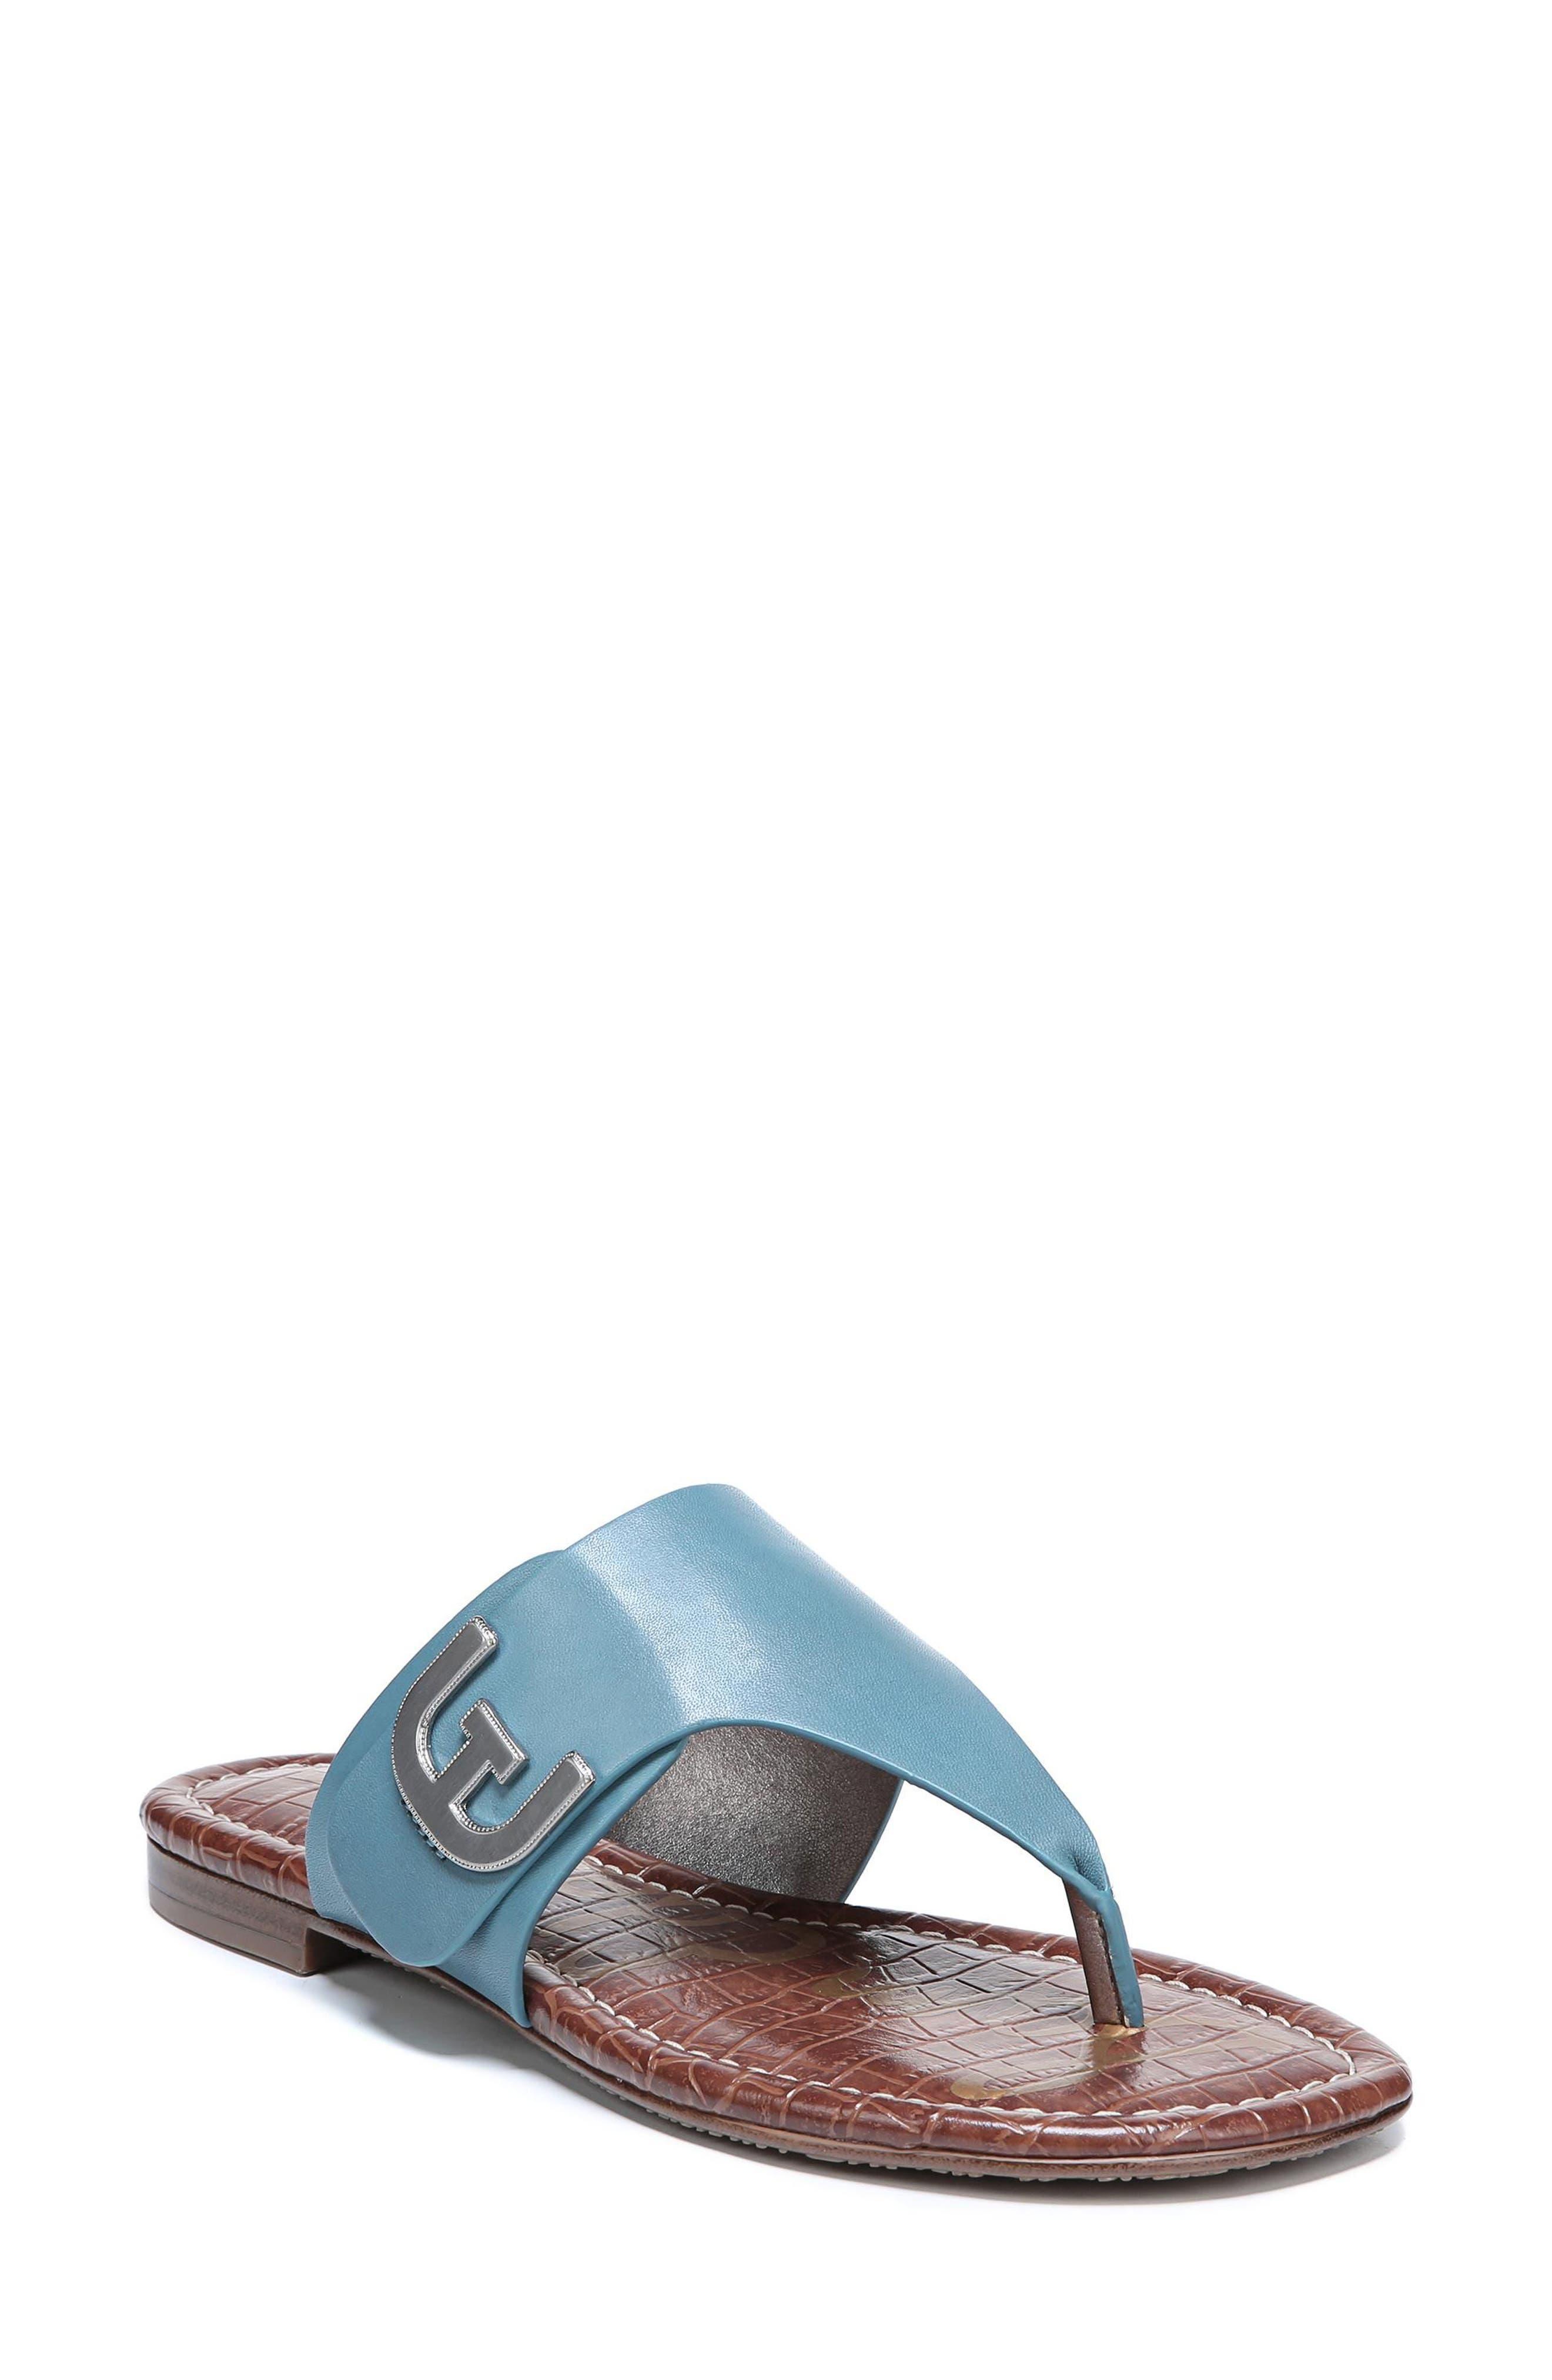 Barry V-Strap Thong Sandal,                         Main,                         color, Denim Blue Leather